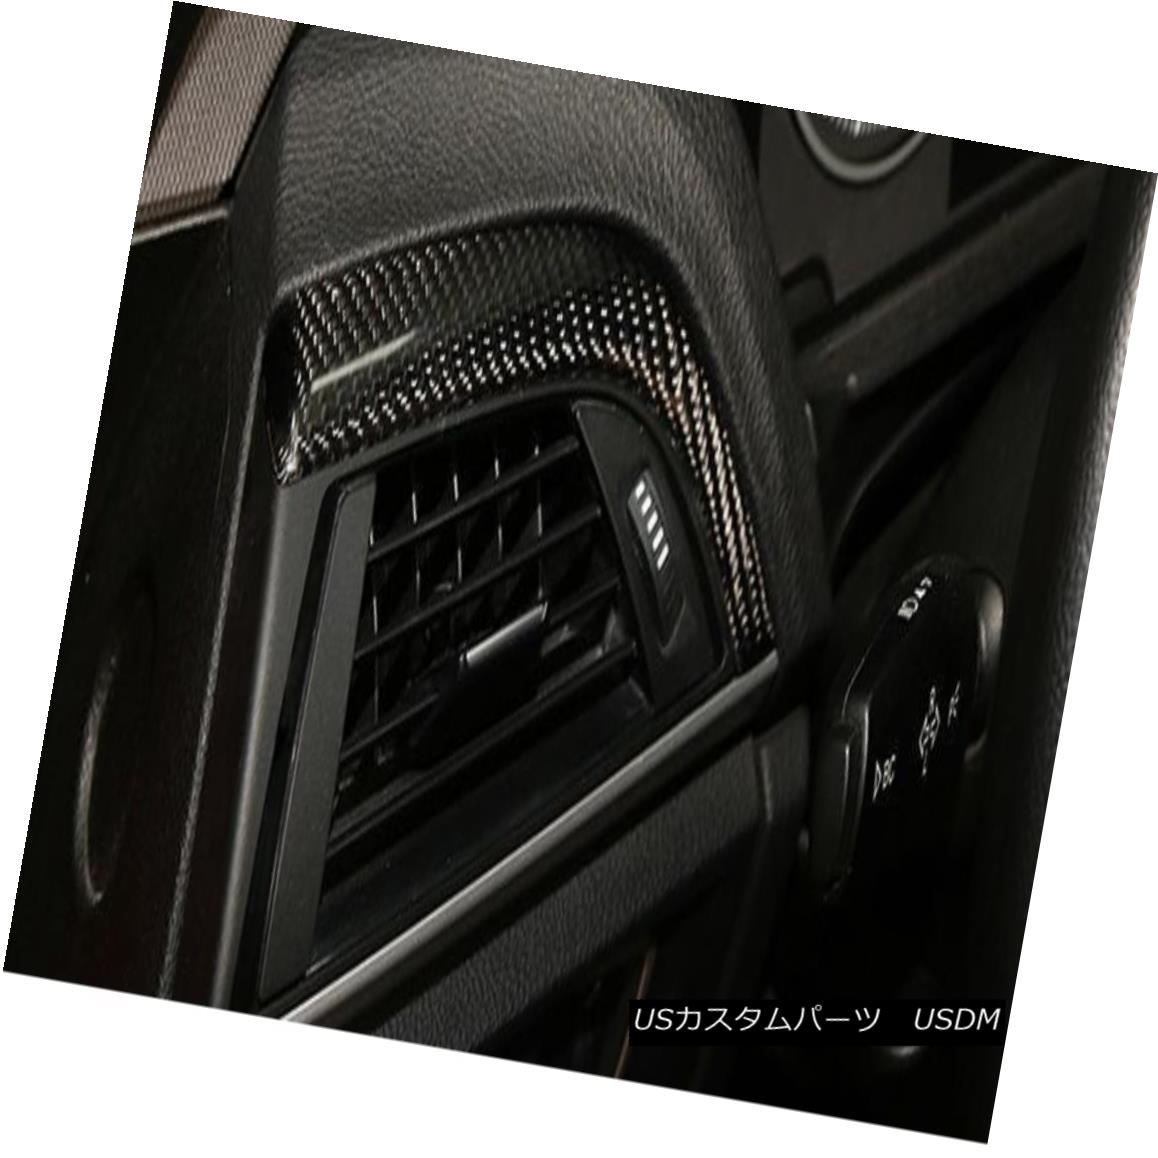 エアロパーツ Carbon For BMW 2 Series F22 F23 Low Model Interier Dash Trim Cover 5Pcs Kits カーボンBMW 2シリーズF22 F23用低モデルインテリアダッシュトリムカバー5個キット